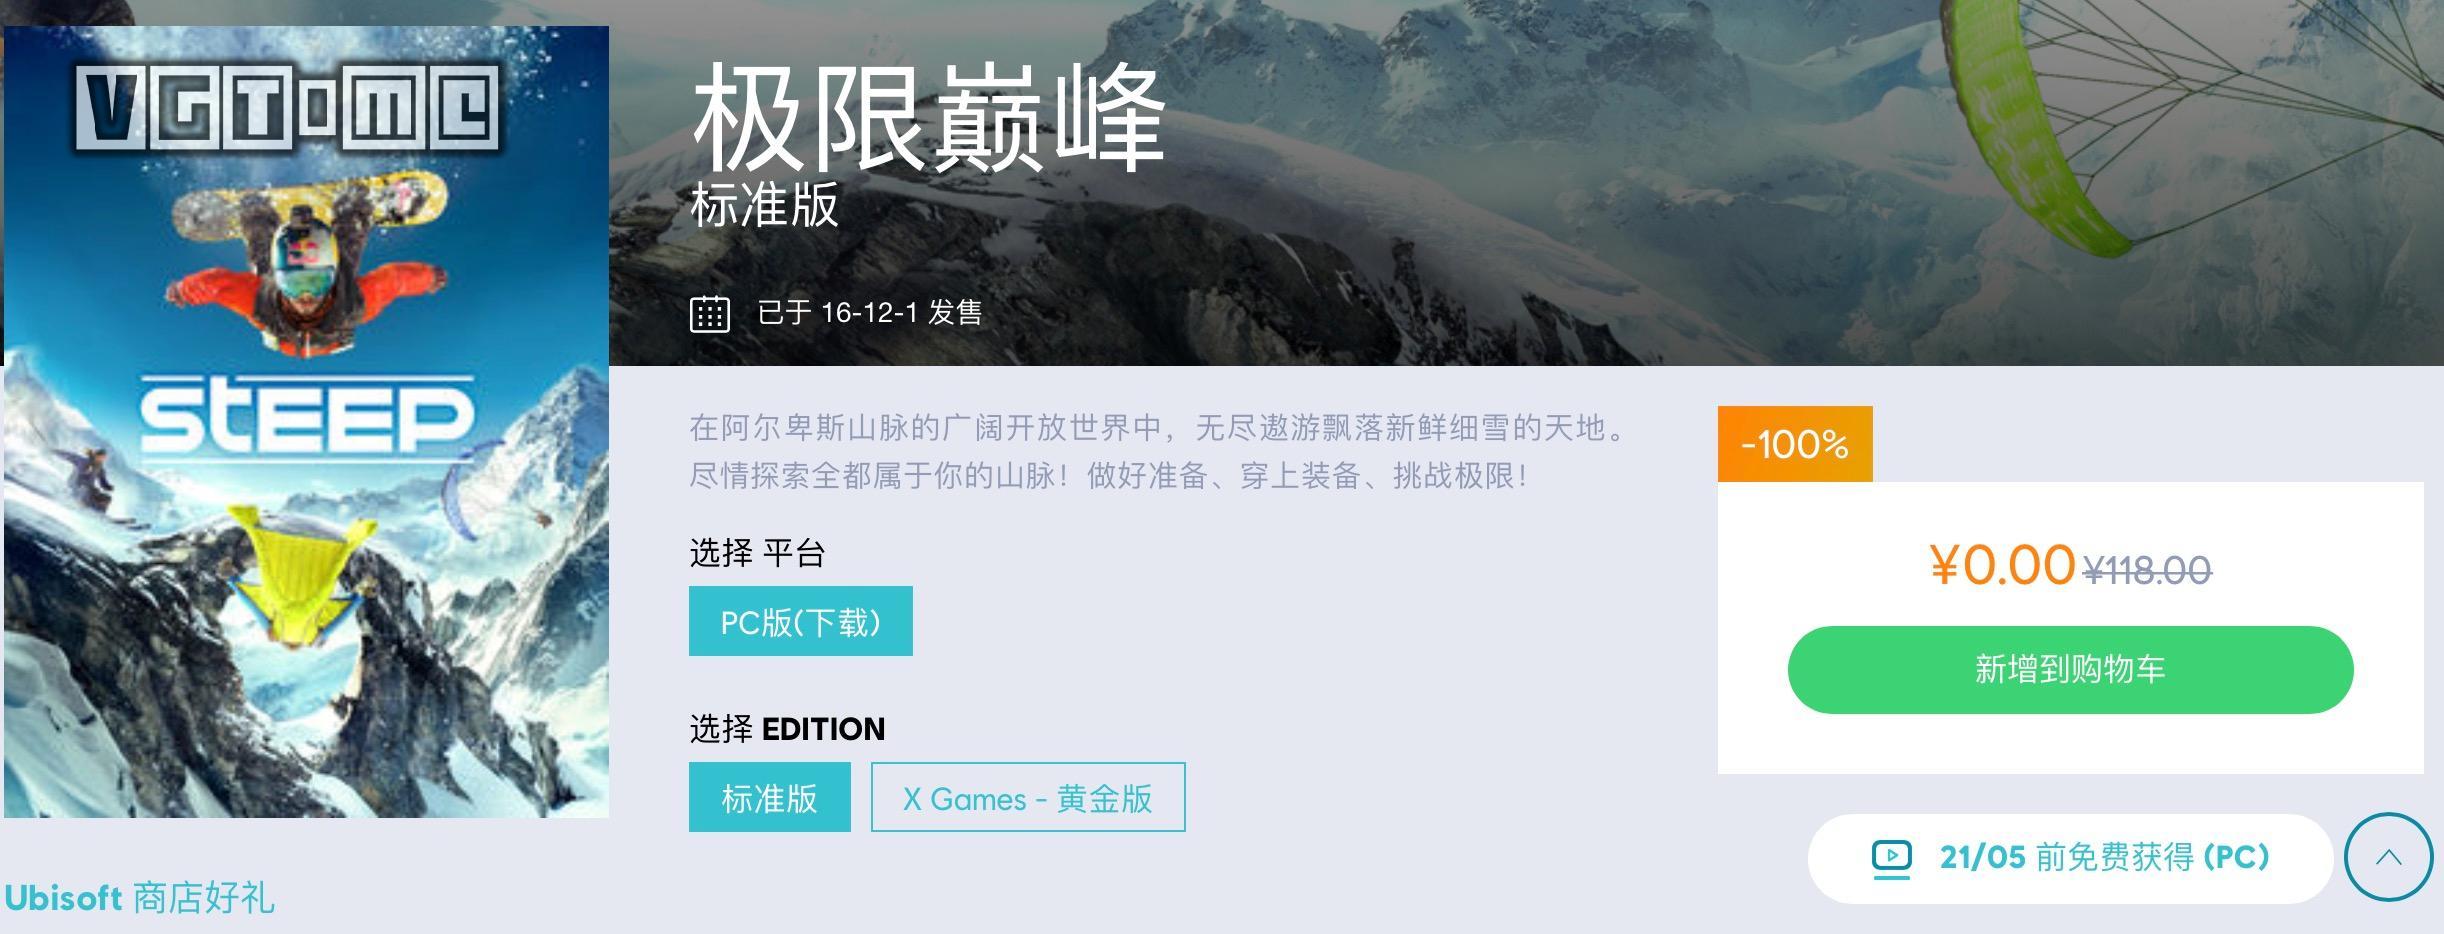 不买免费送!育碧推出Uplay《极限巅峰》标准版限免活动